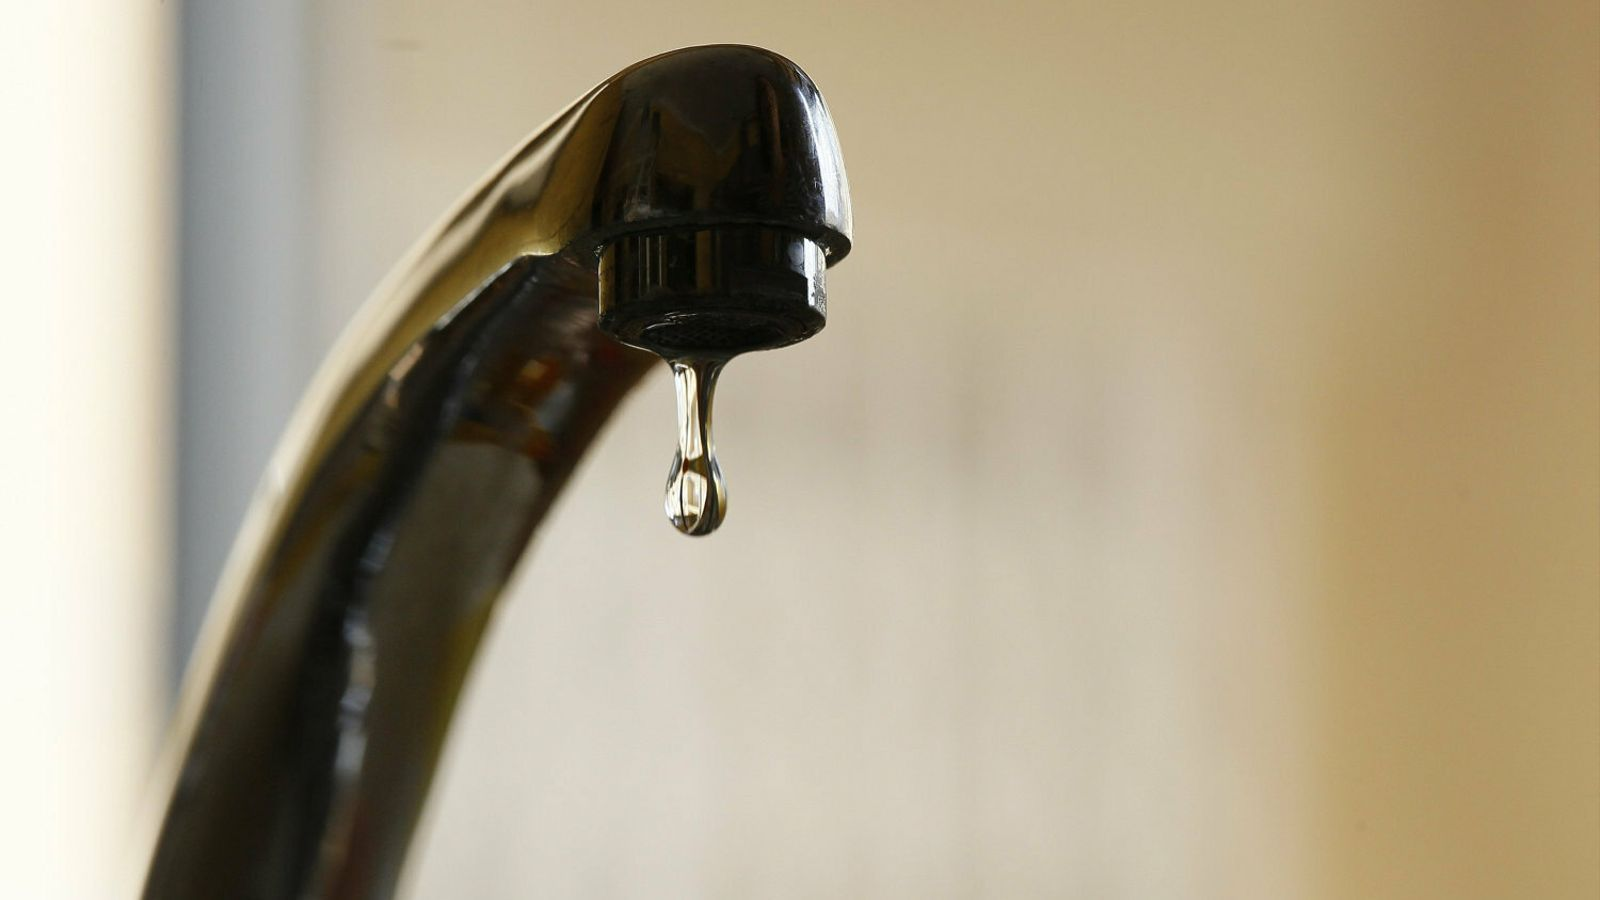 El Govern s'oposa a transferir les competències d'aigua als consells